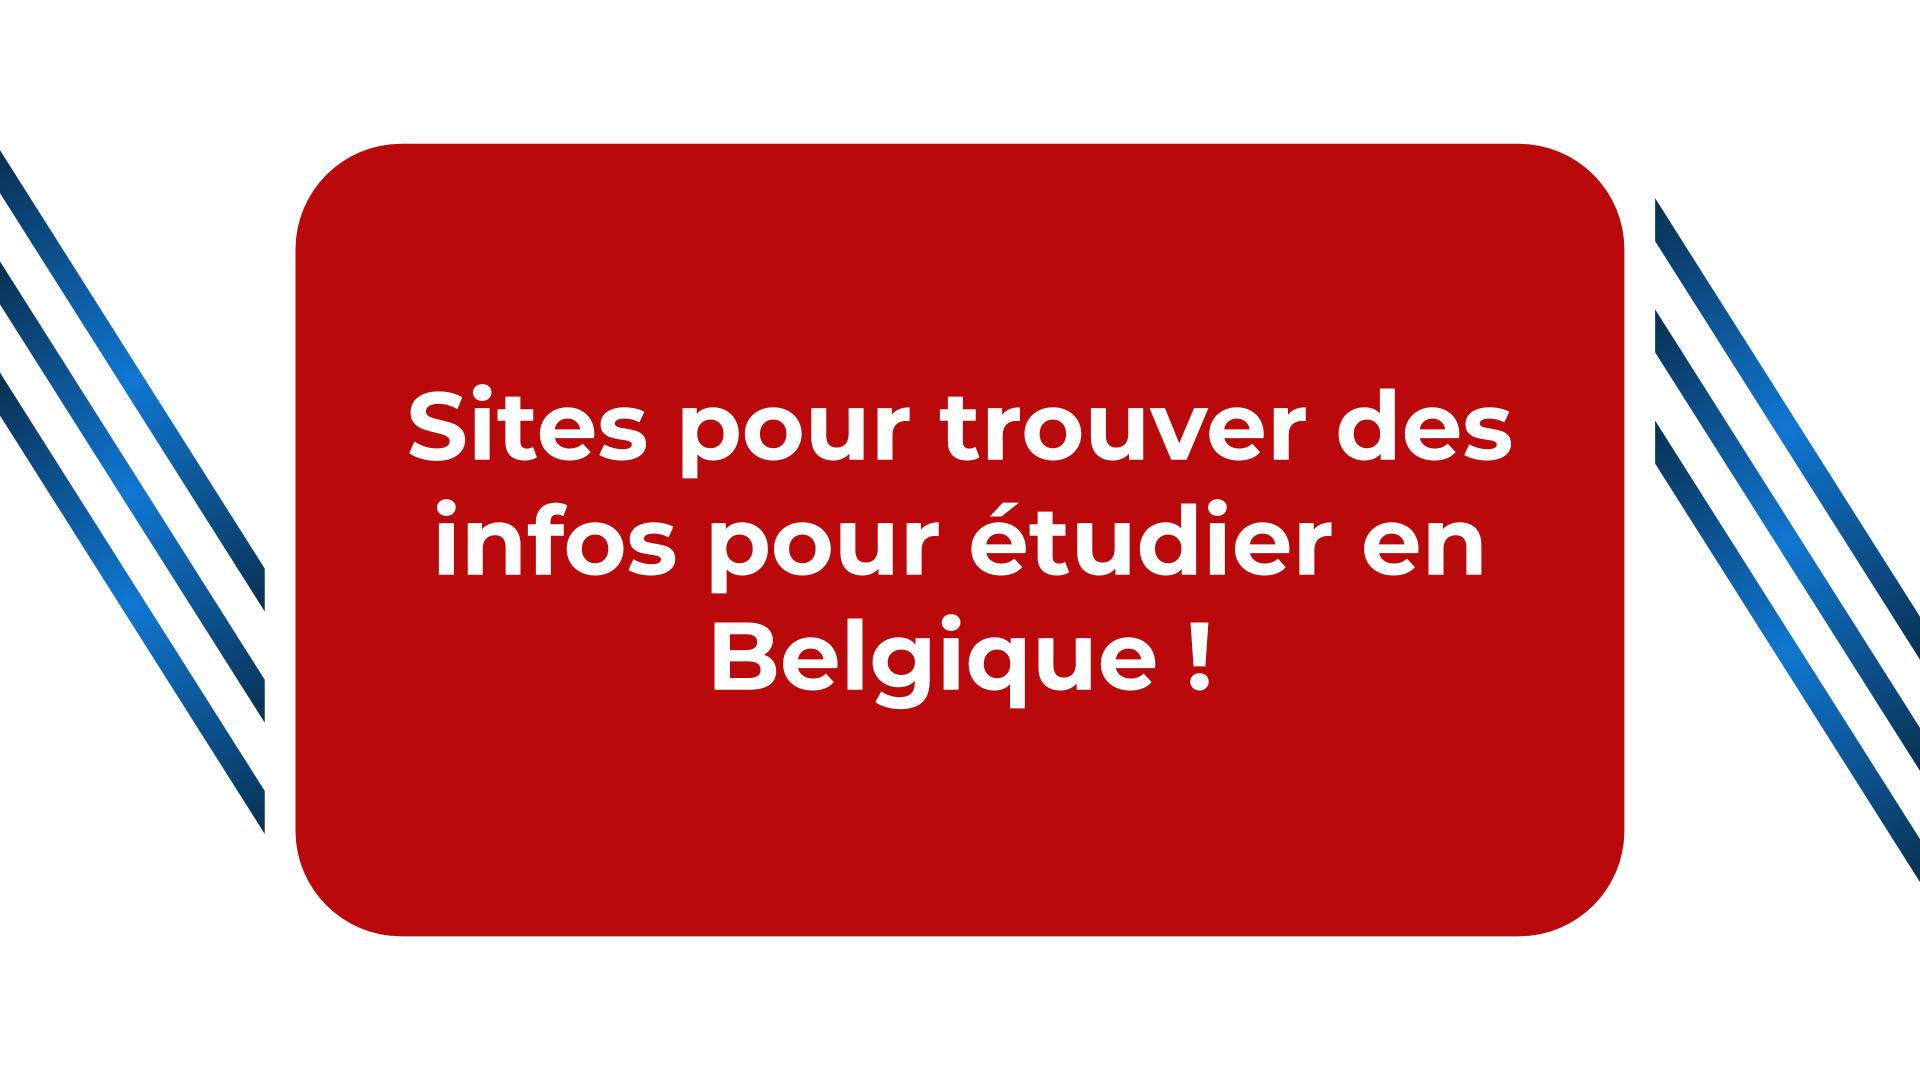 Sites pour trouver des infos pour étudier en Belgique !